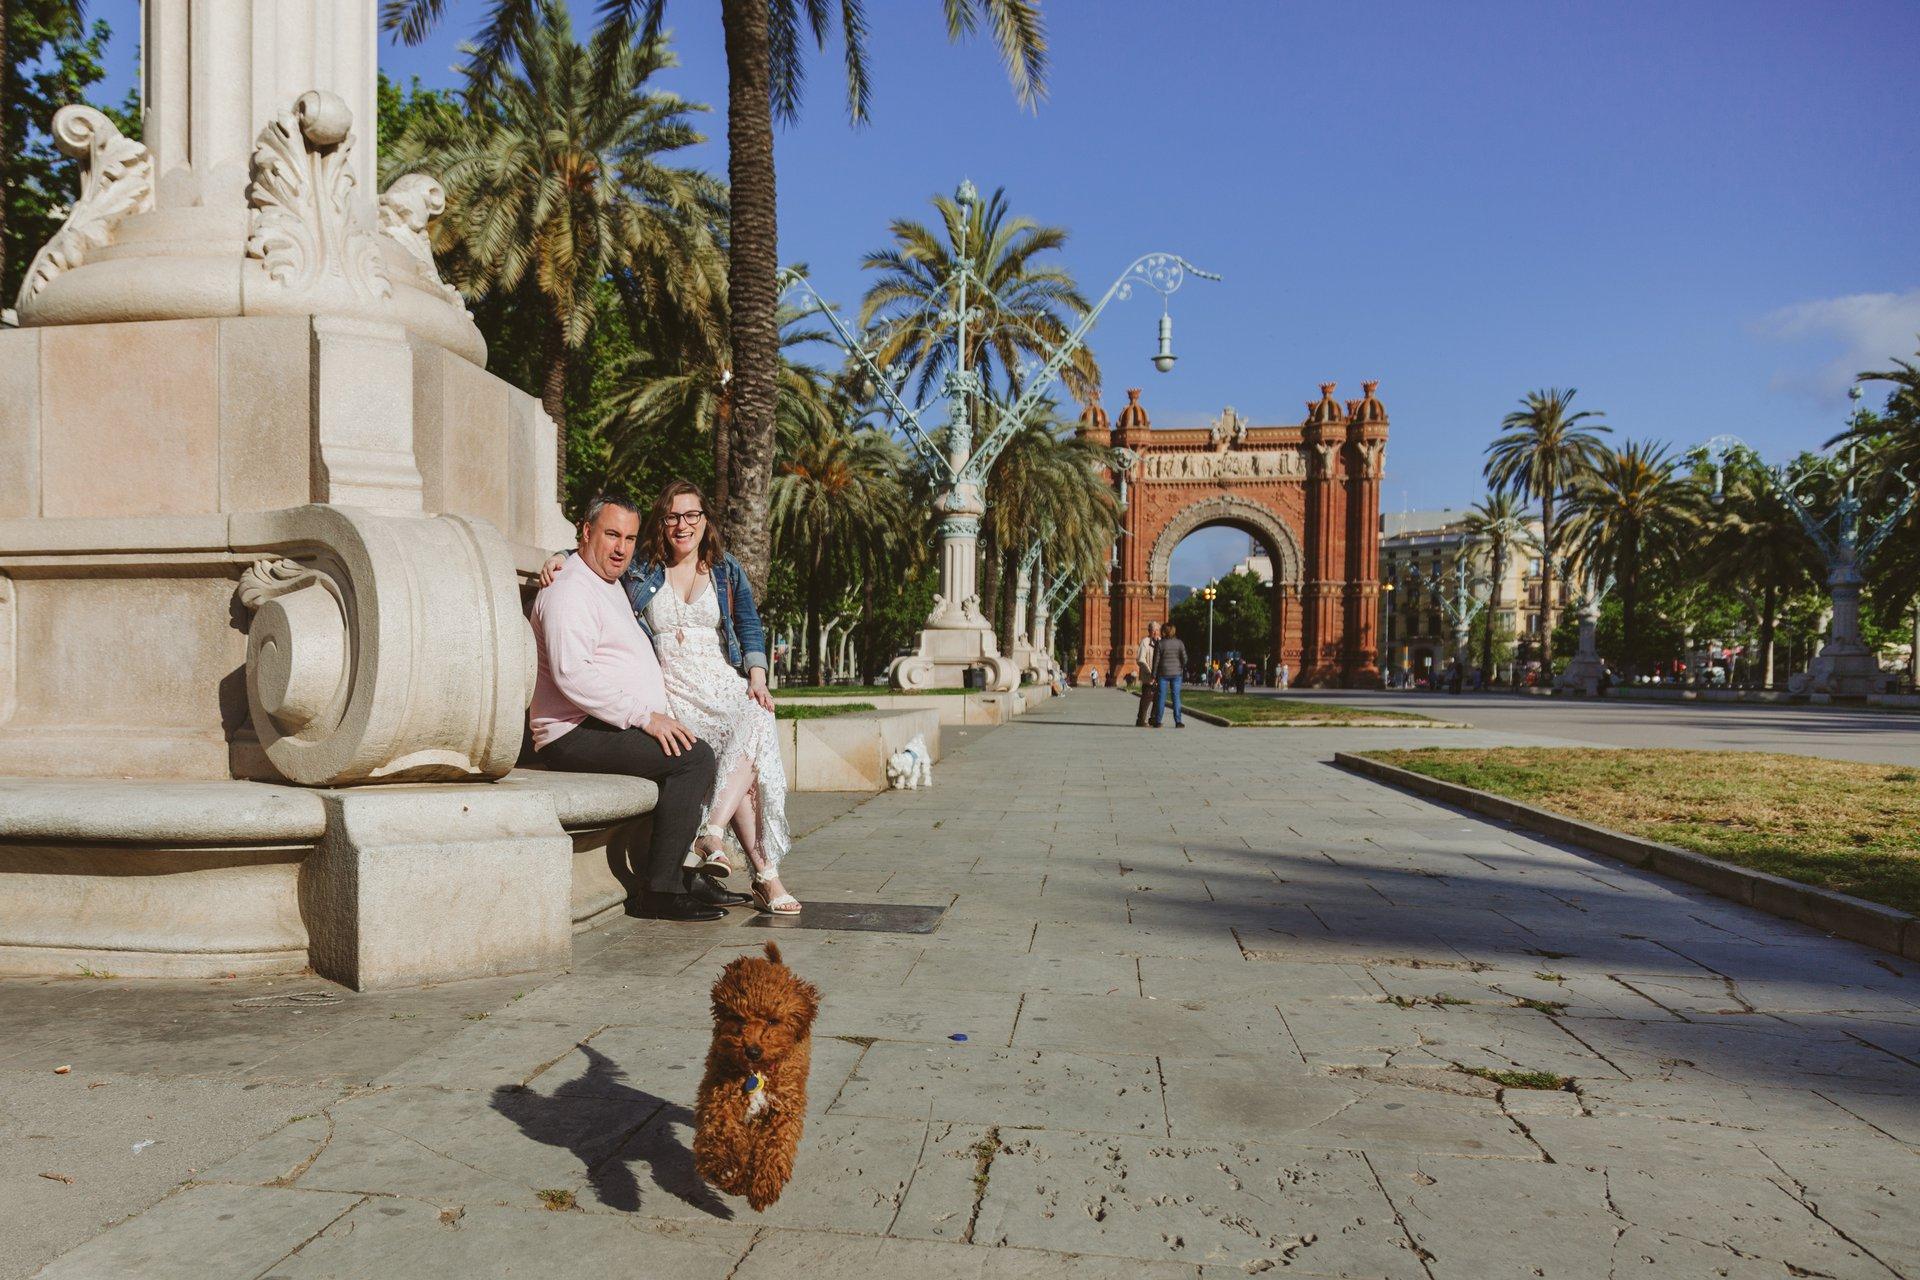 Barcelona-Spain-travel-story-Flytographer-26